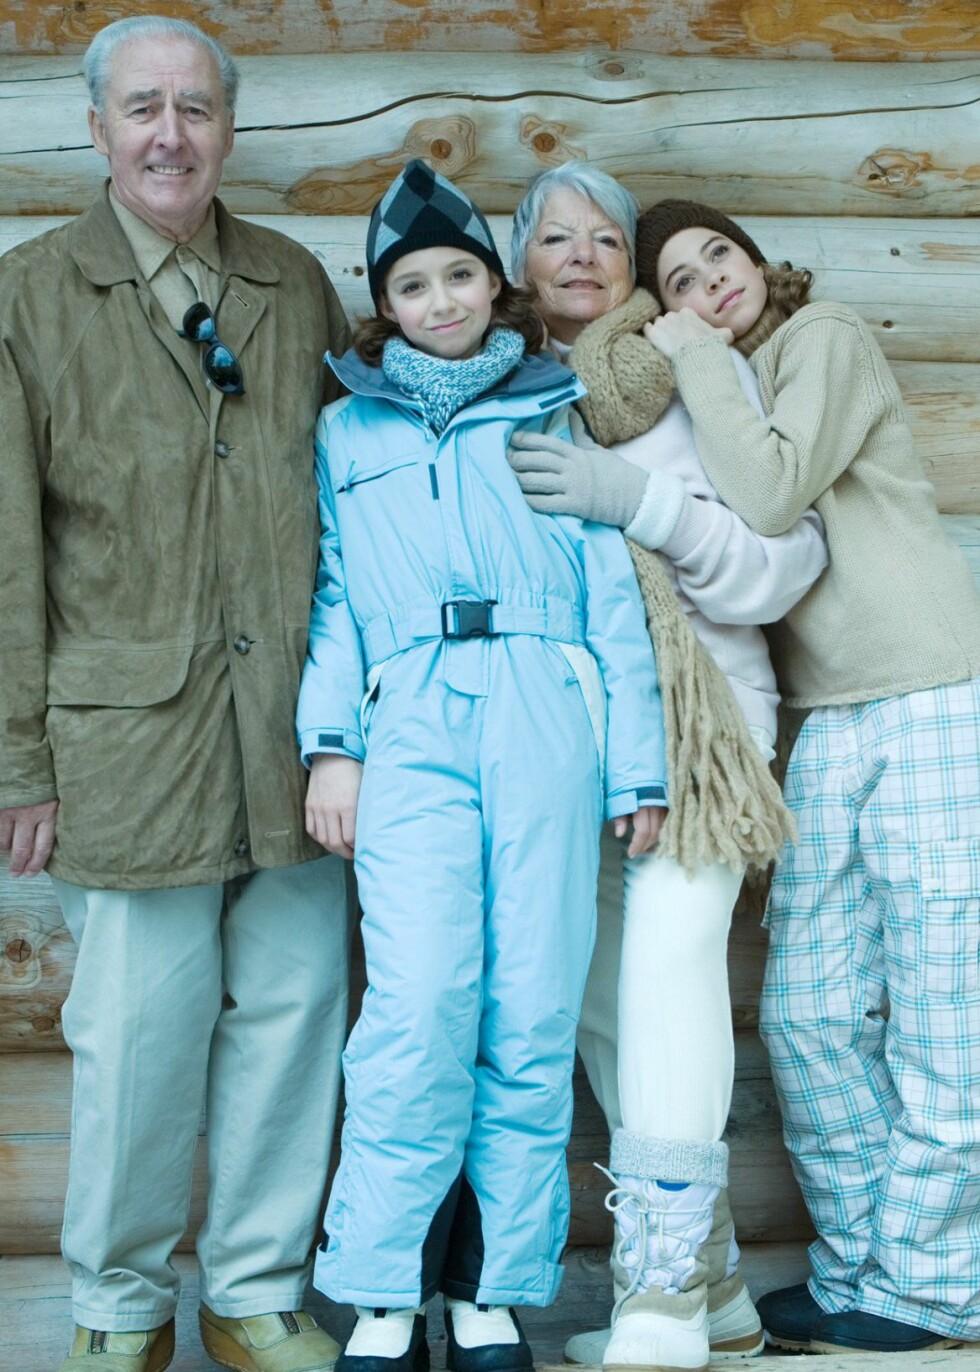 I prinsipp er det ingen aldersgrense for å være donor. For hjerte og lunger vil det likevel i praksis være en øvre grense på 50-60 år. Illustrasjonsbilde: Colourbox Foto: Illustrasjonsbilde: Colourbox